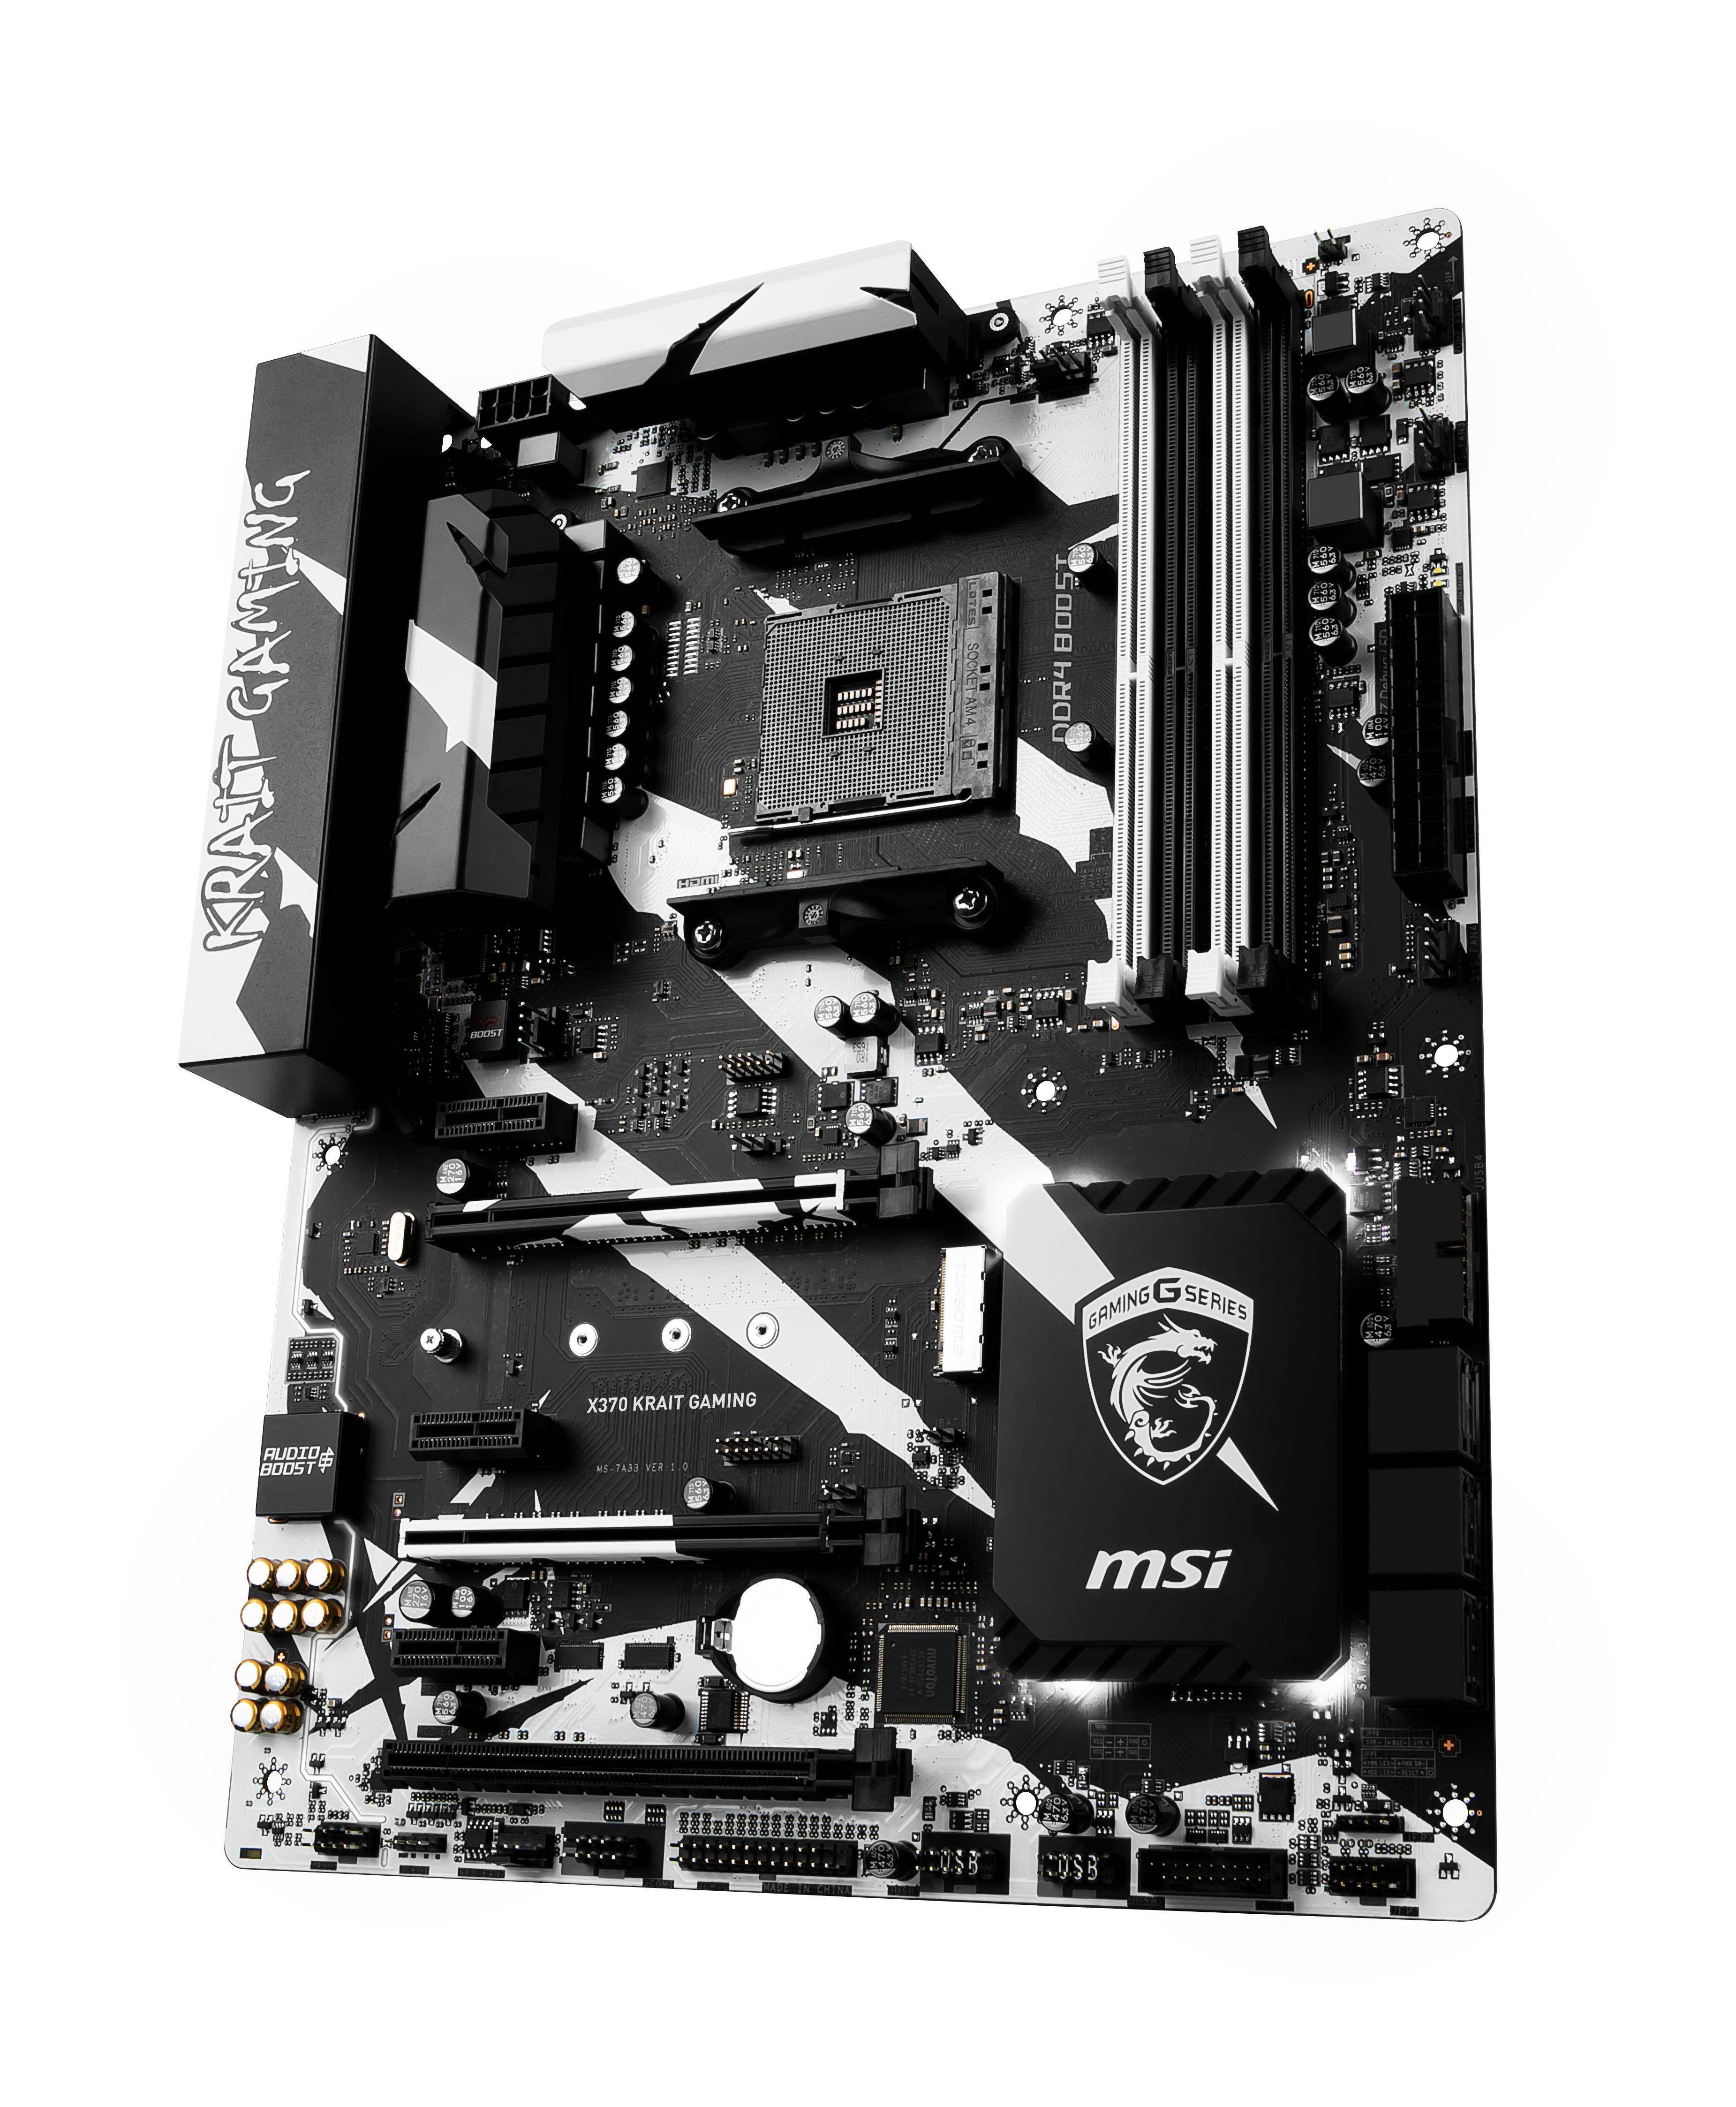 Socket AM4 : X370 KRAIT GAMING (ATX, AMD X370, USB 3.1 Gen 1, USB-C Gen2, USB 3.1 Gen 2, Gigabit LAN, onboard graphics, HD Audio 8-channel)